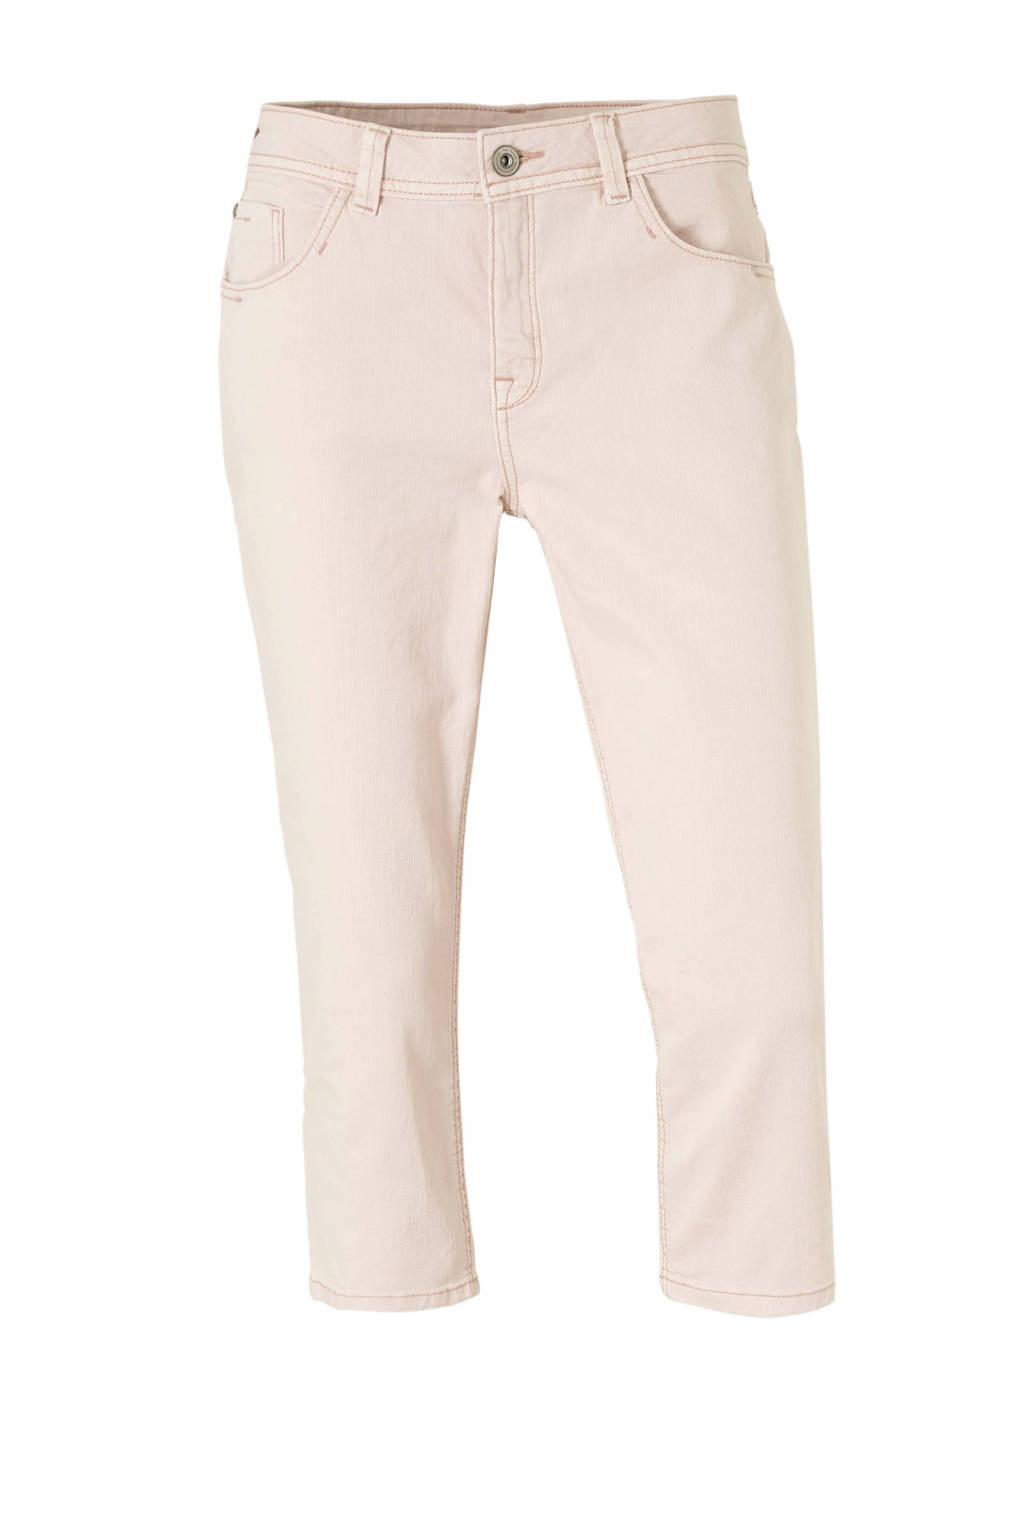 C&A The Denim regular fit capri jeans, Lichtroze